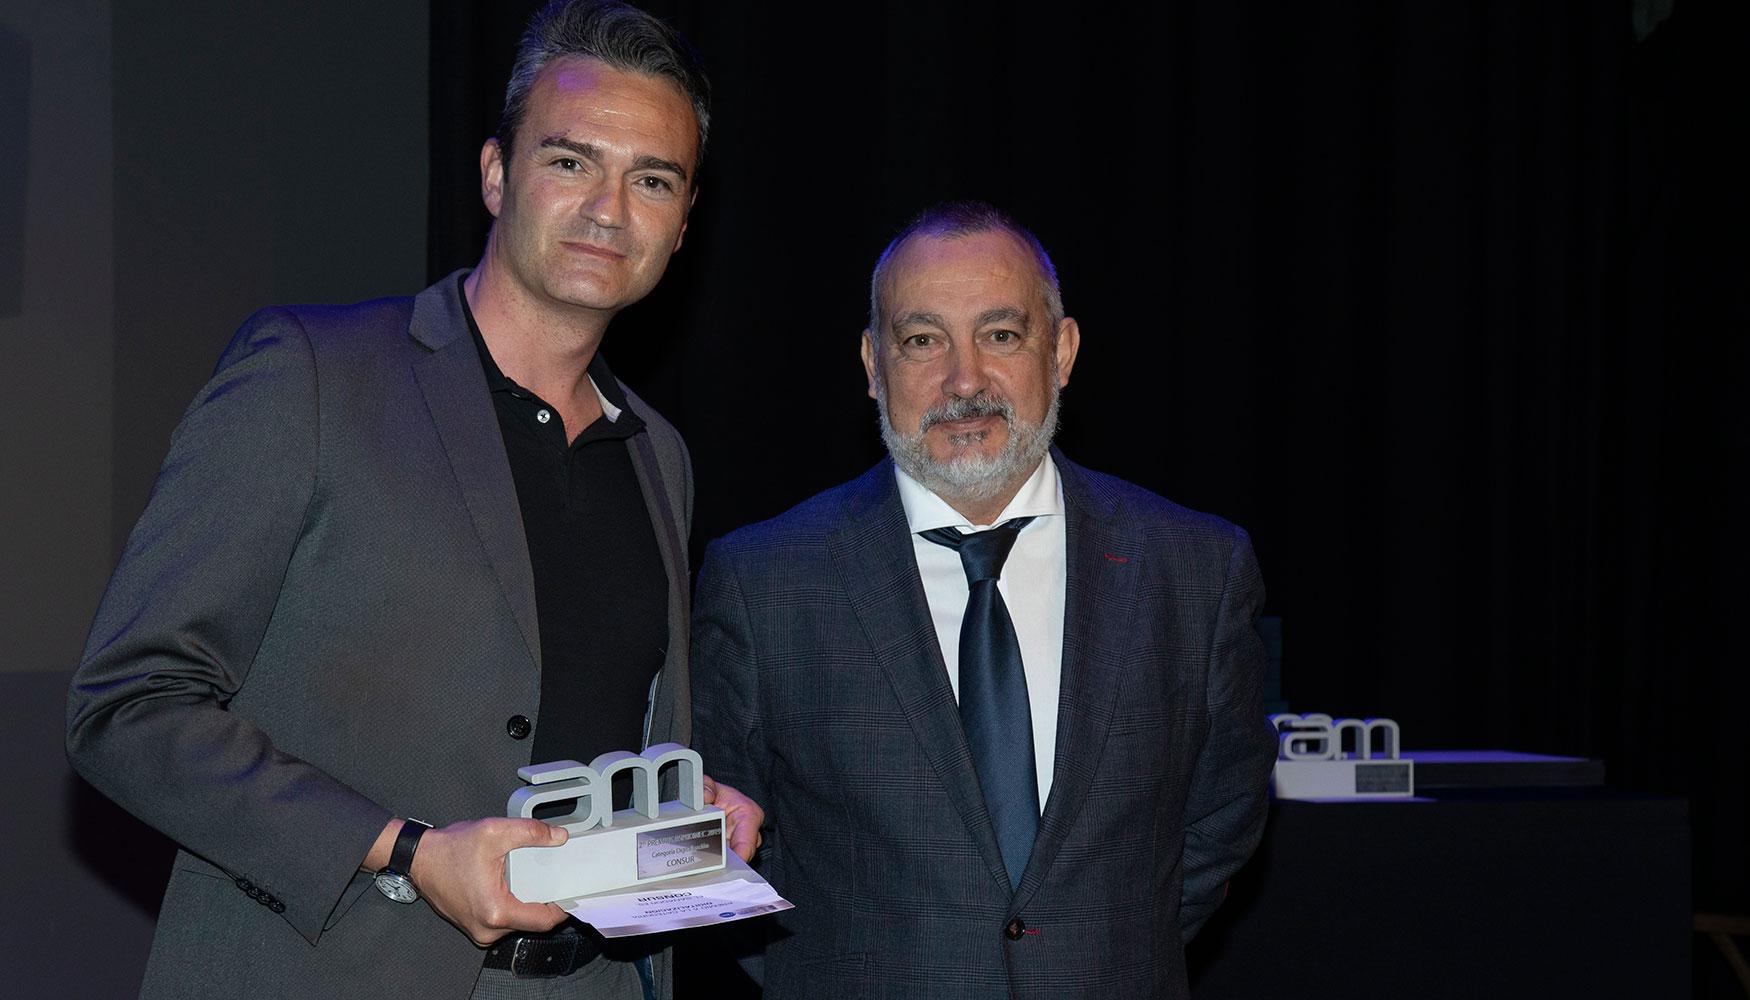 Ángel Hernández, vocal de ASPROMEC y director Interempresas Media fue el encargado de entregar este premio que recogió, en nombre y representación de Consur, Joaquín Rodríguez Grau, director general en el Centro Avanzado de Tecnologías (CATEC).